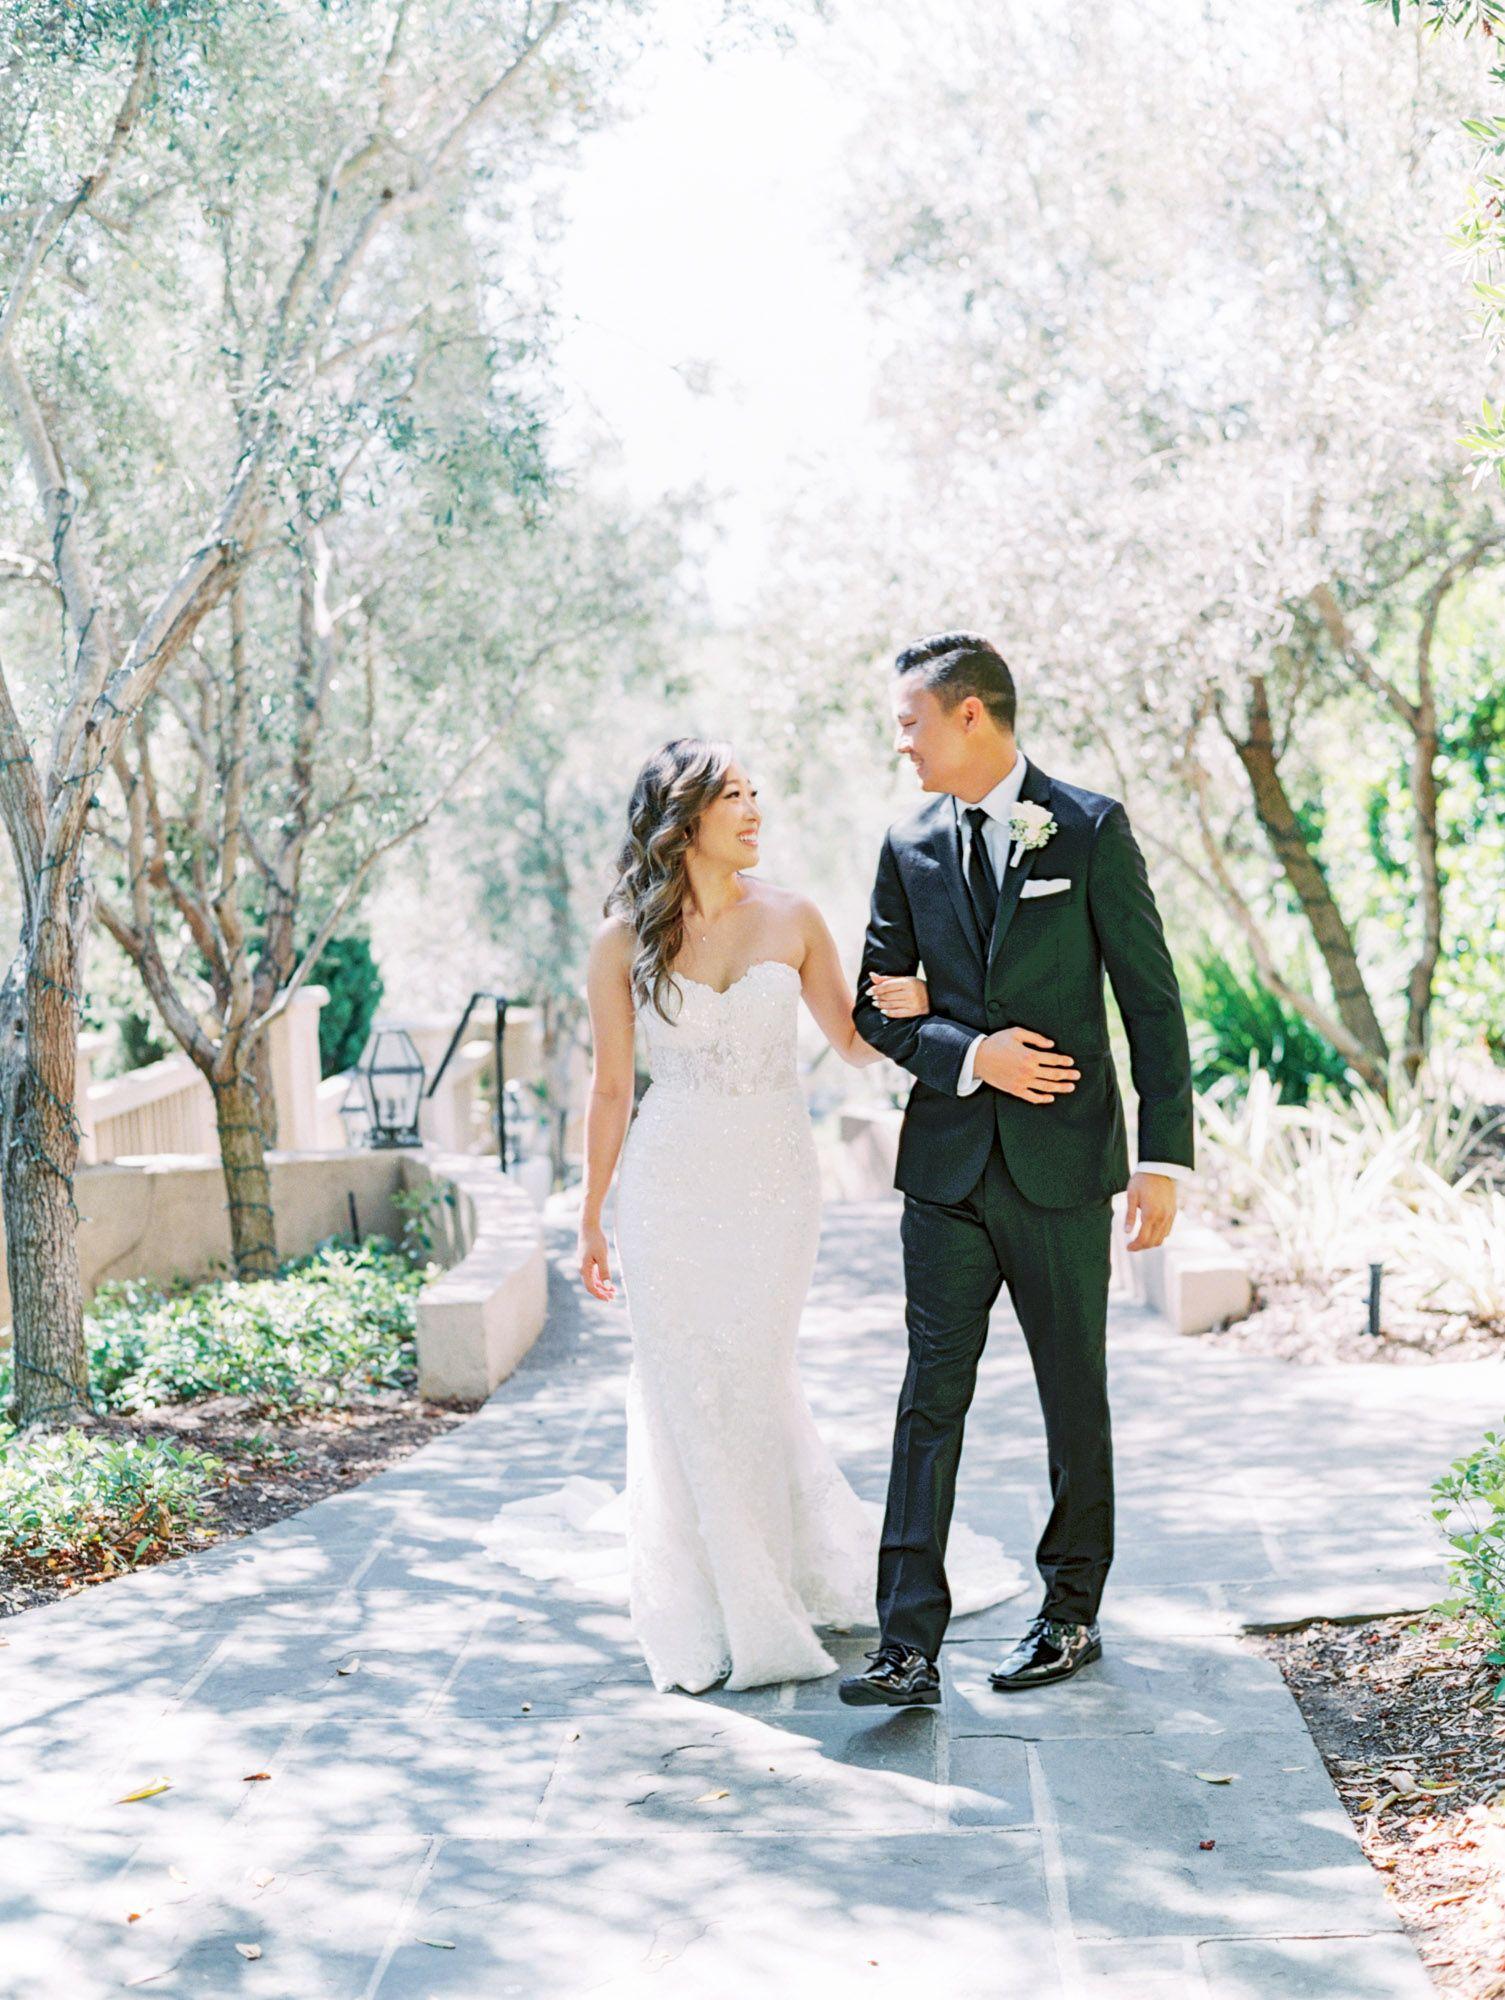 Esther Yoon S Garden Wedding In 2020 San Diego Wedding Venues Wedding San Diego Wedding